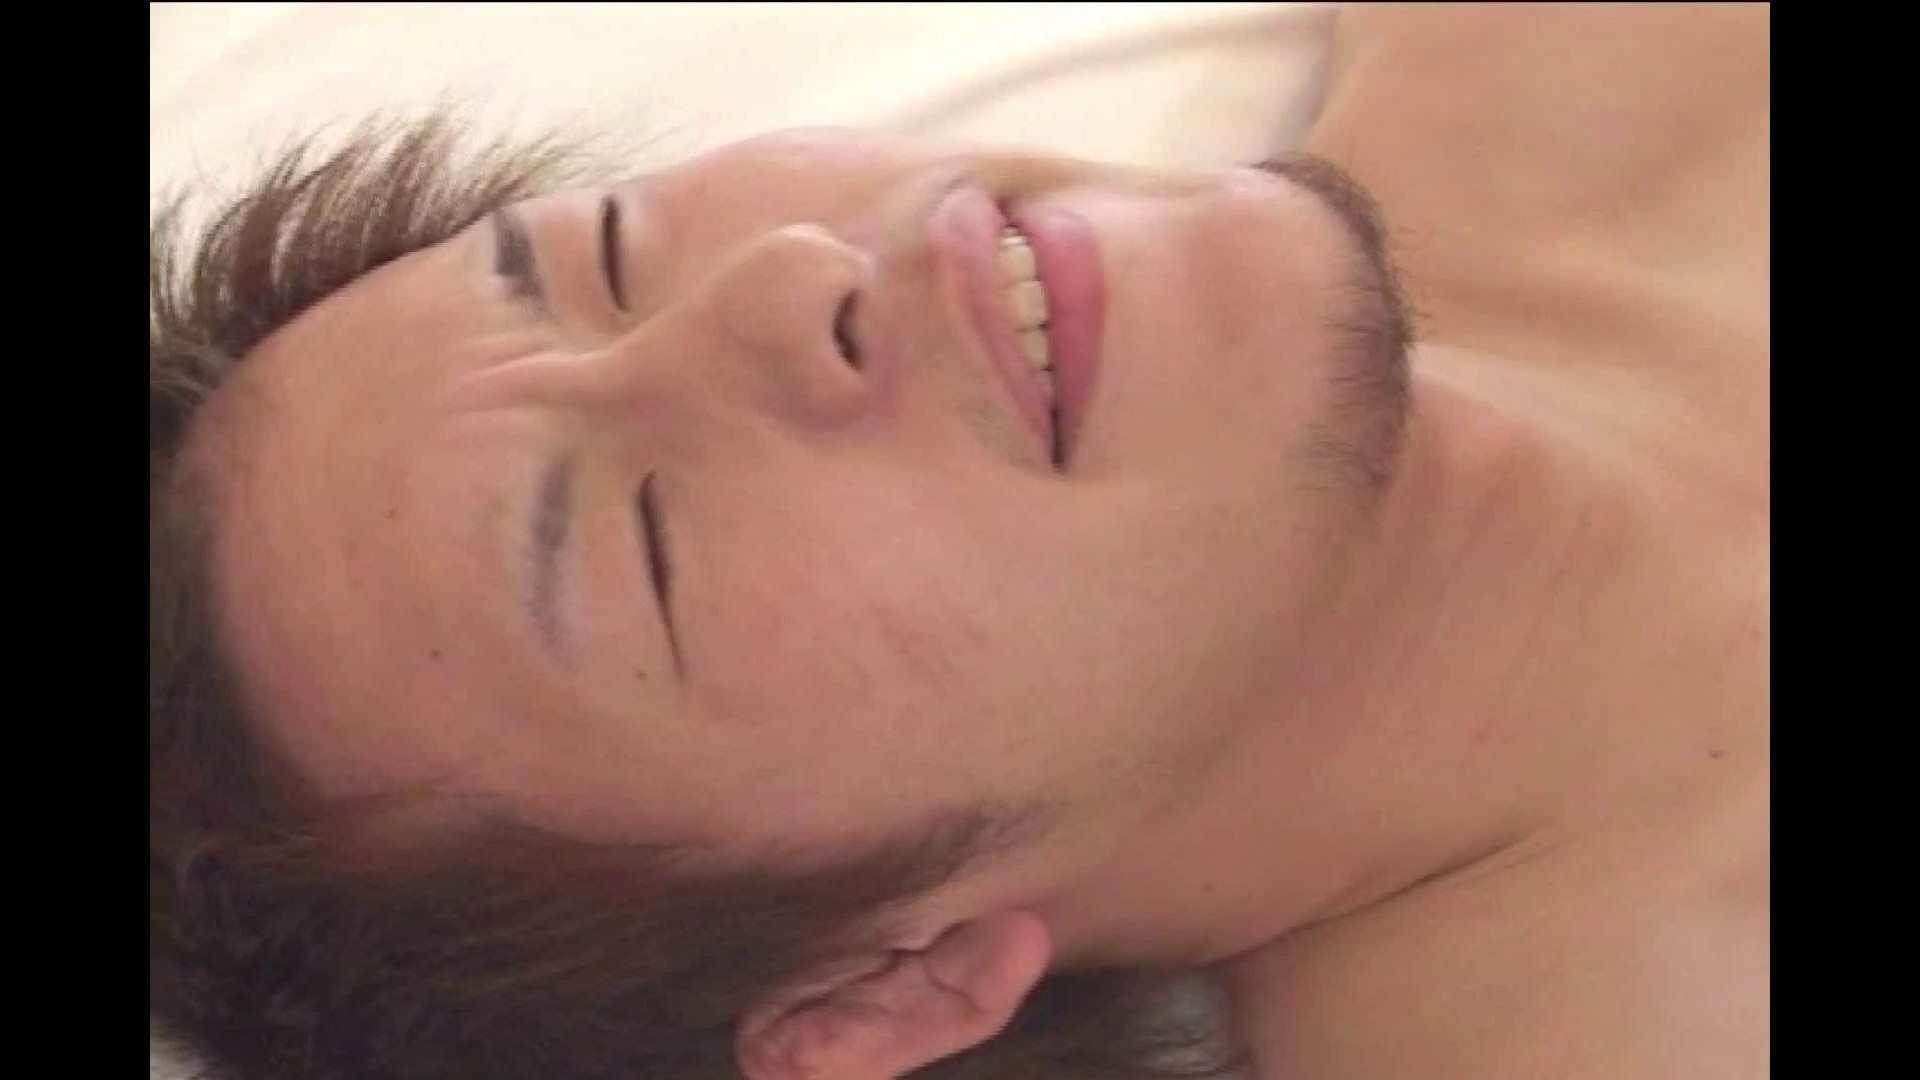 イケイケMEN'SCLUB vol.30後半 手淫 AV動画 102枚 43